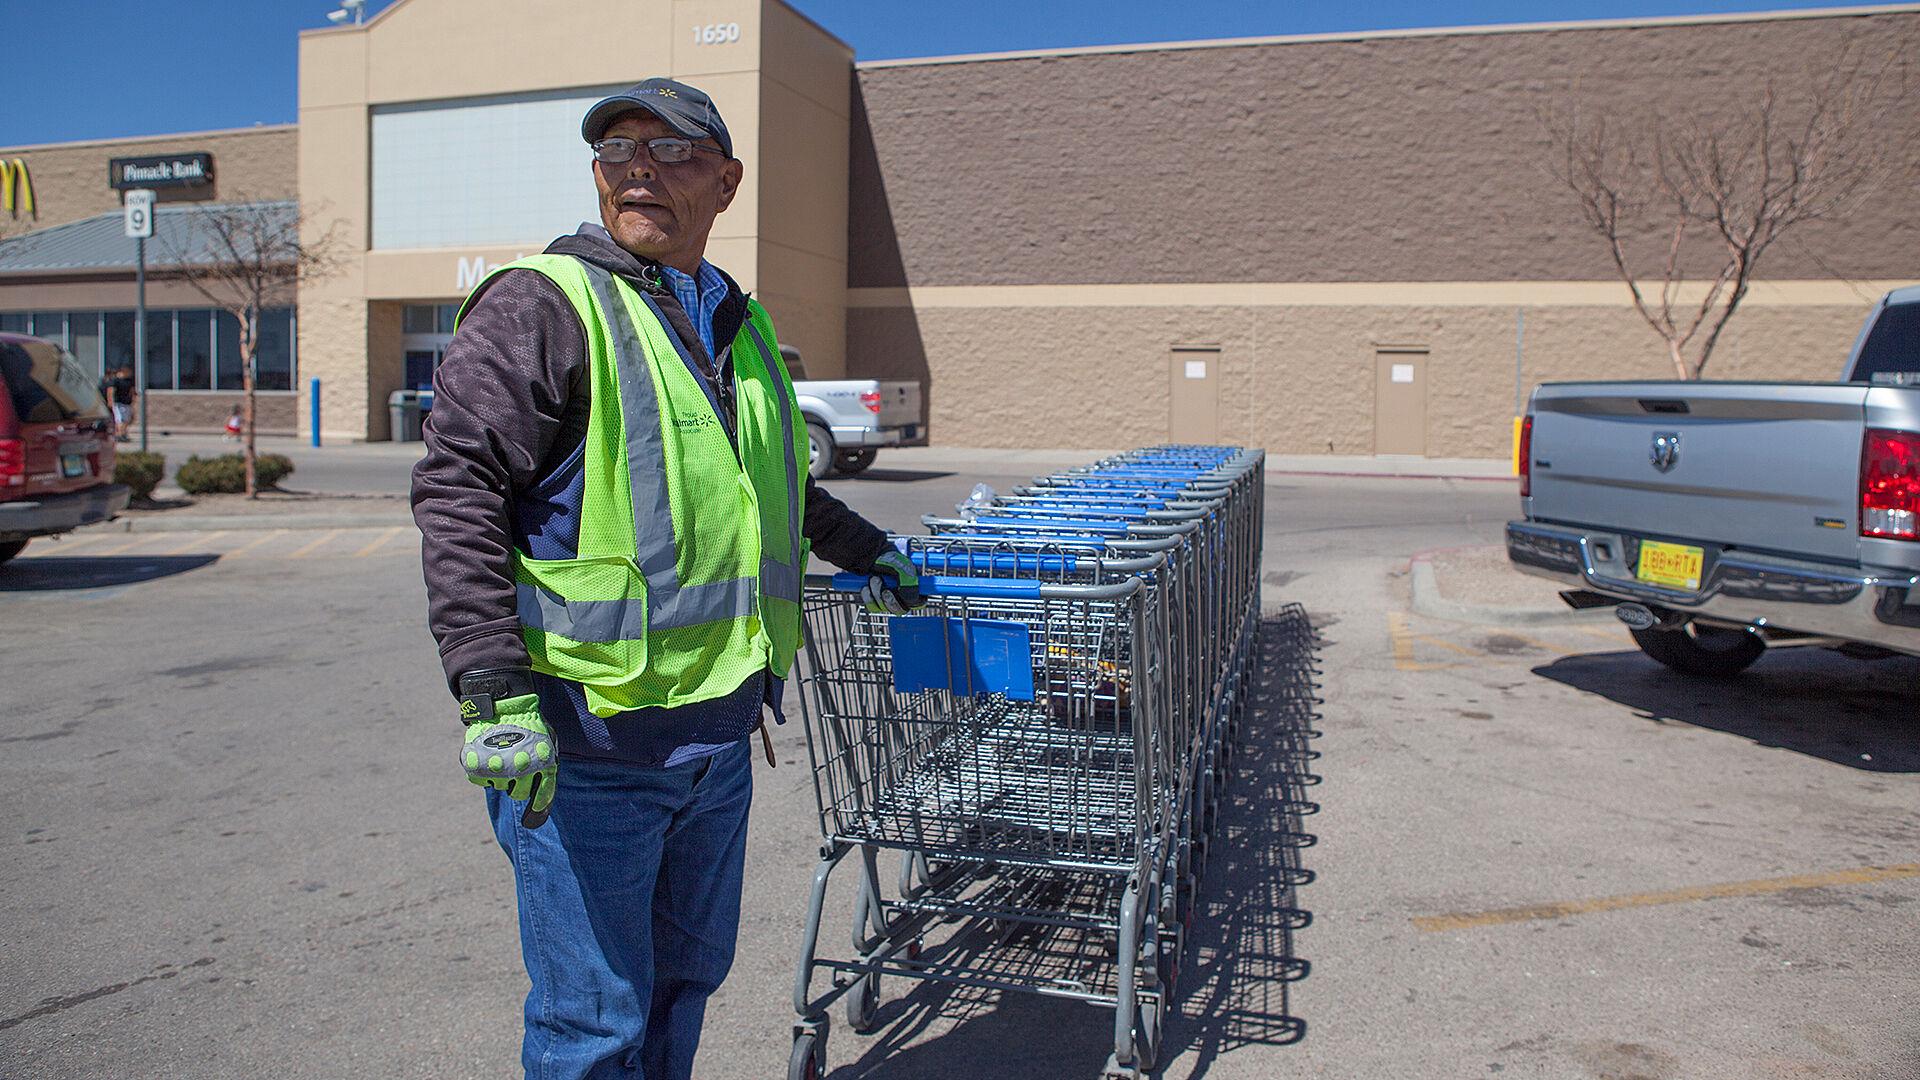 Man pushing shopping carts.